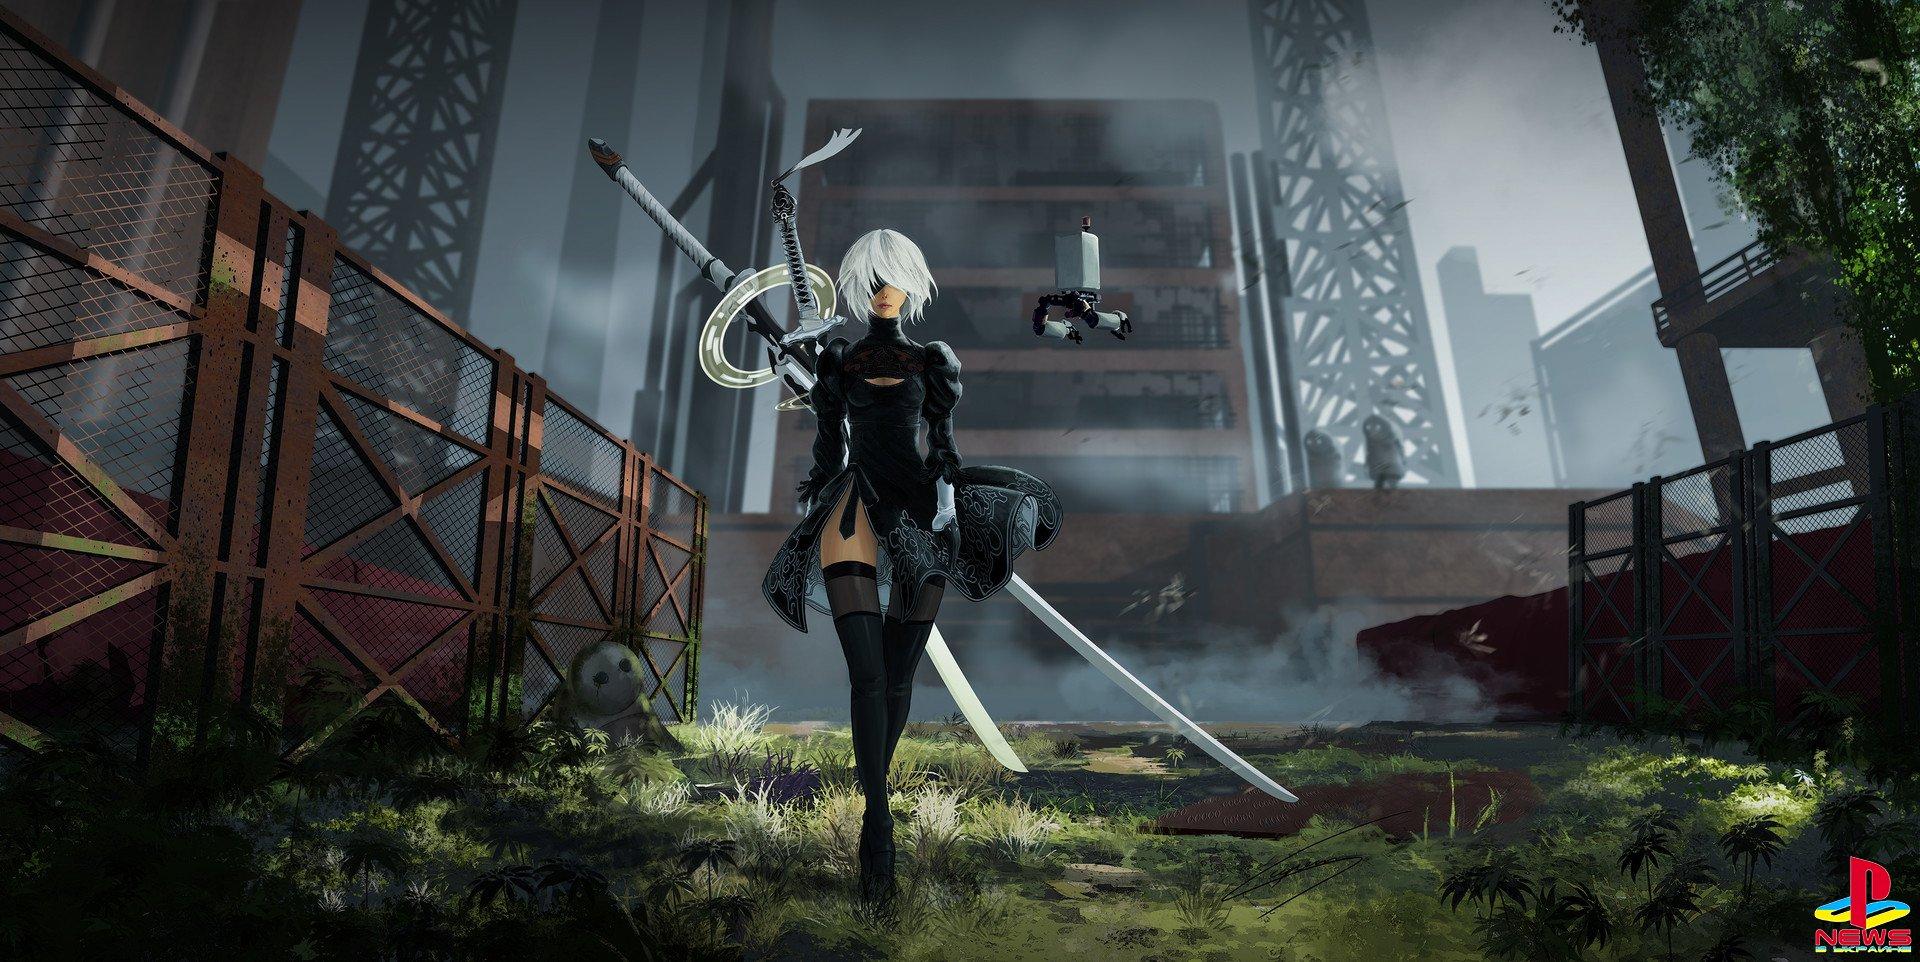 У Square Enix есть планы на торговую марку Nier